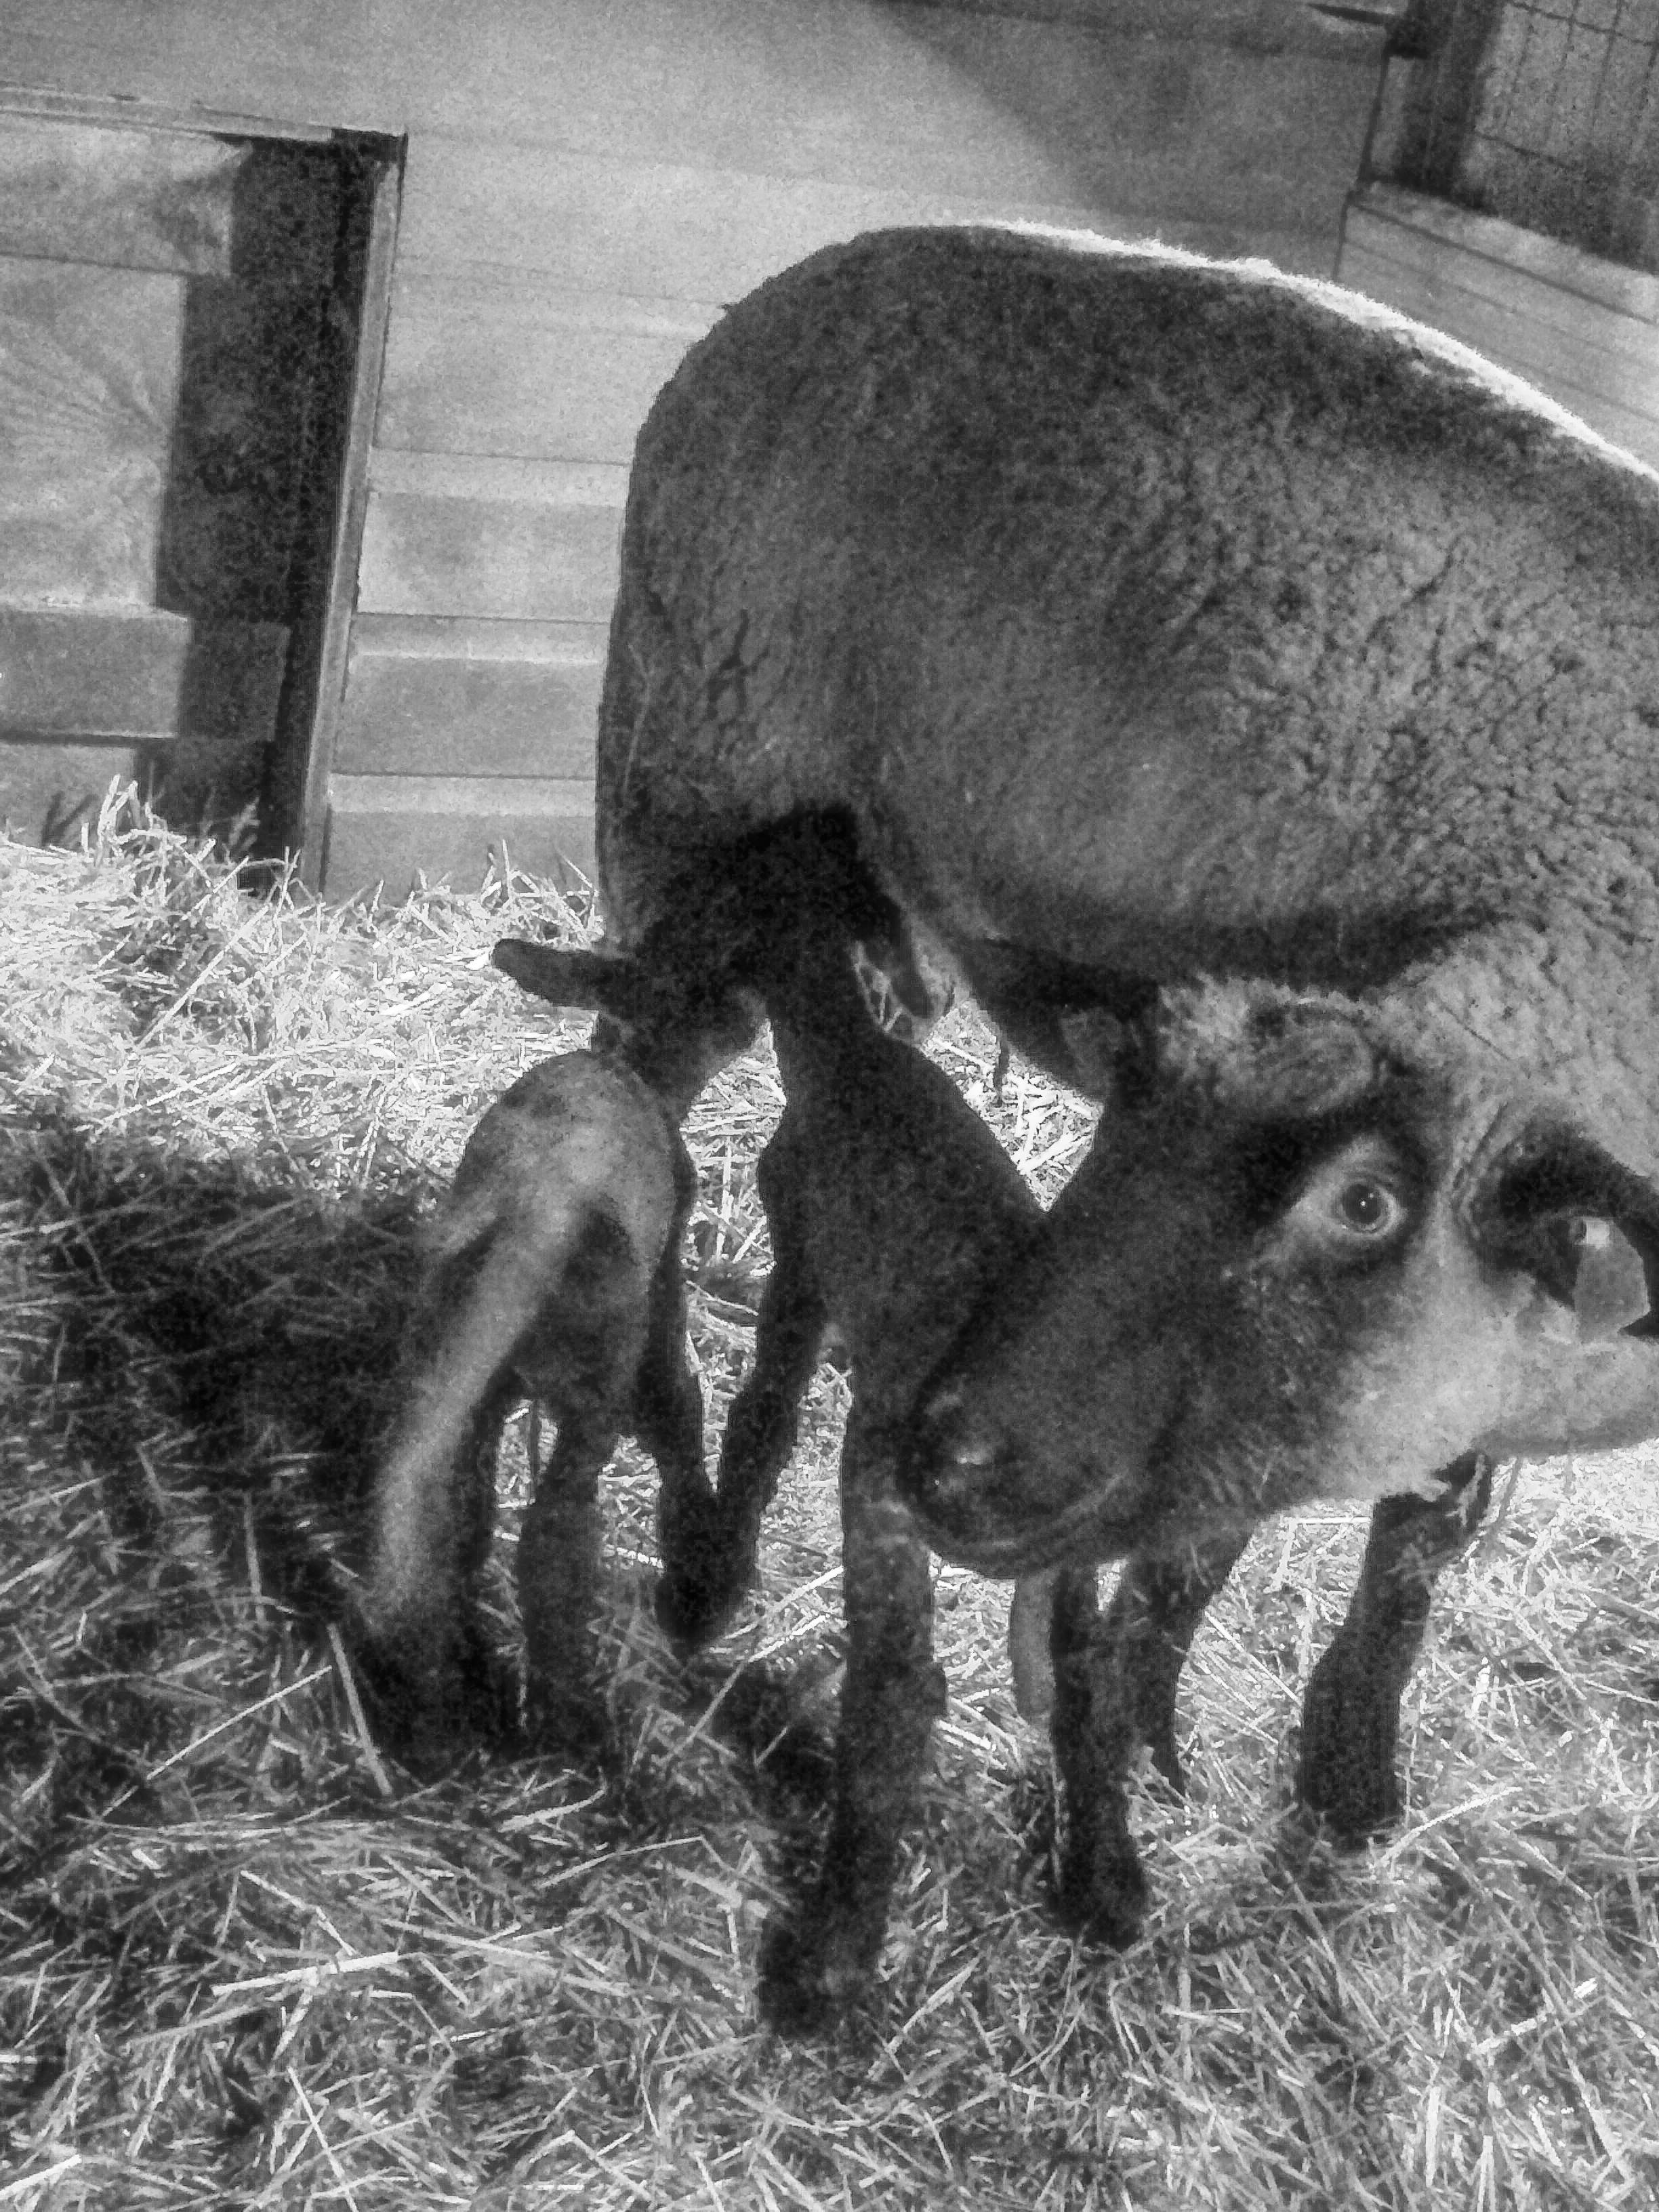 Lamb-and-Sheep-B-and-W